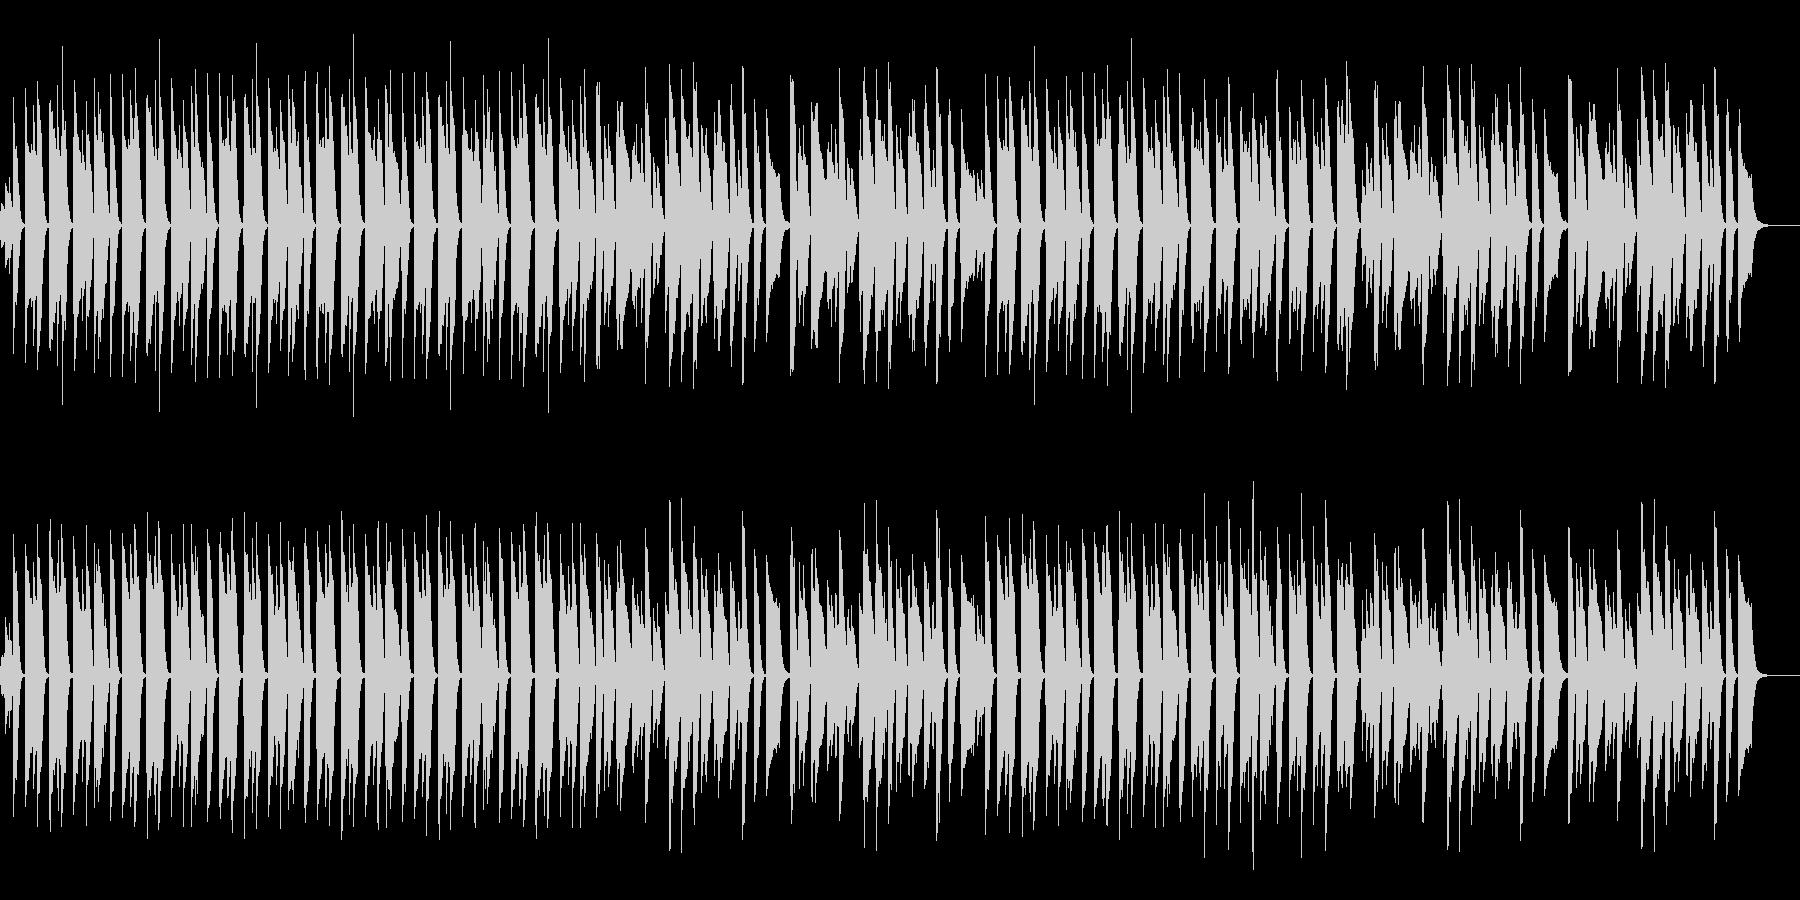 シンプルで温かみのある明るいピアノ曲の未再生の波形